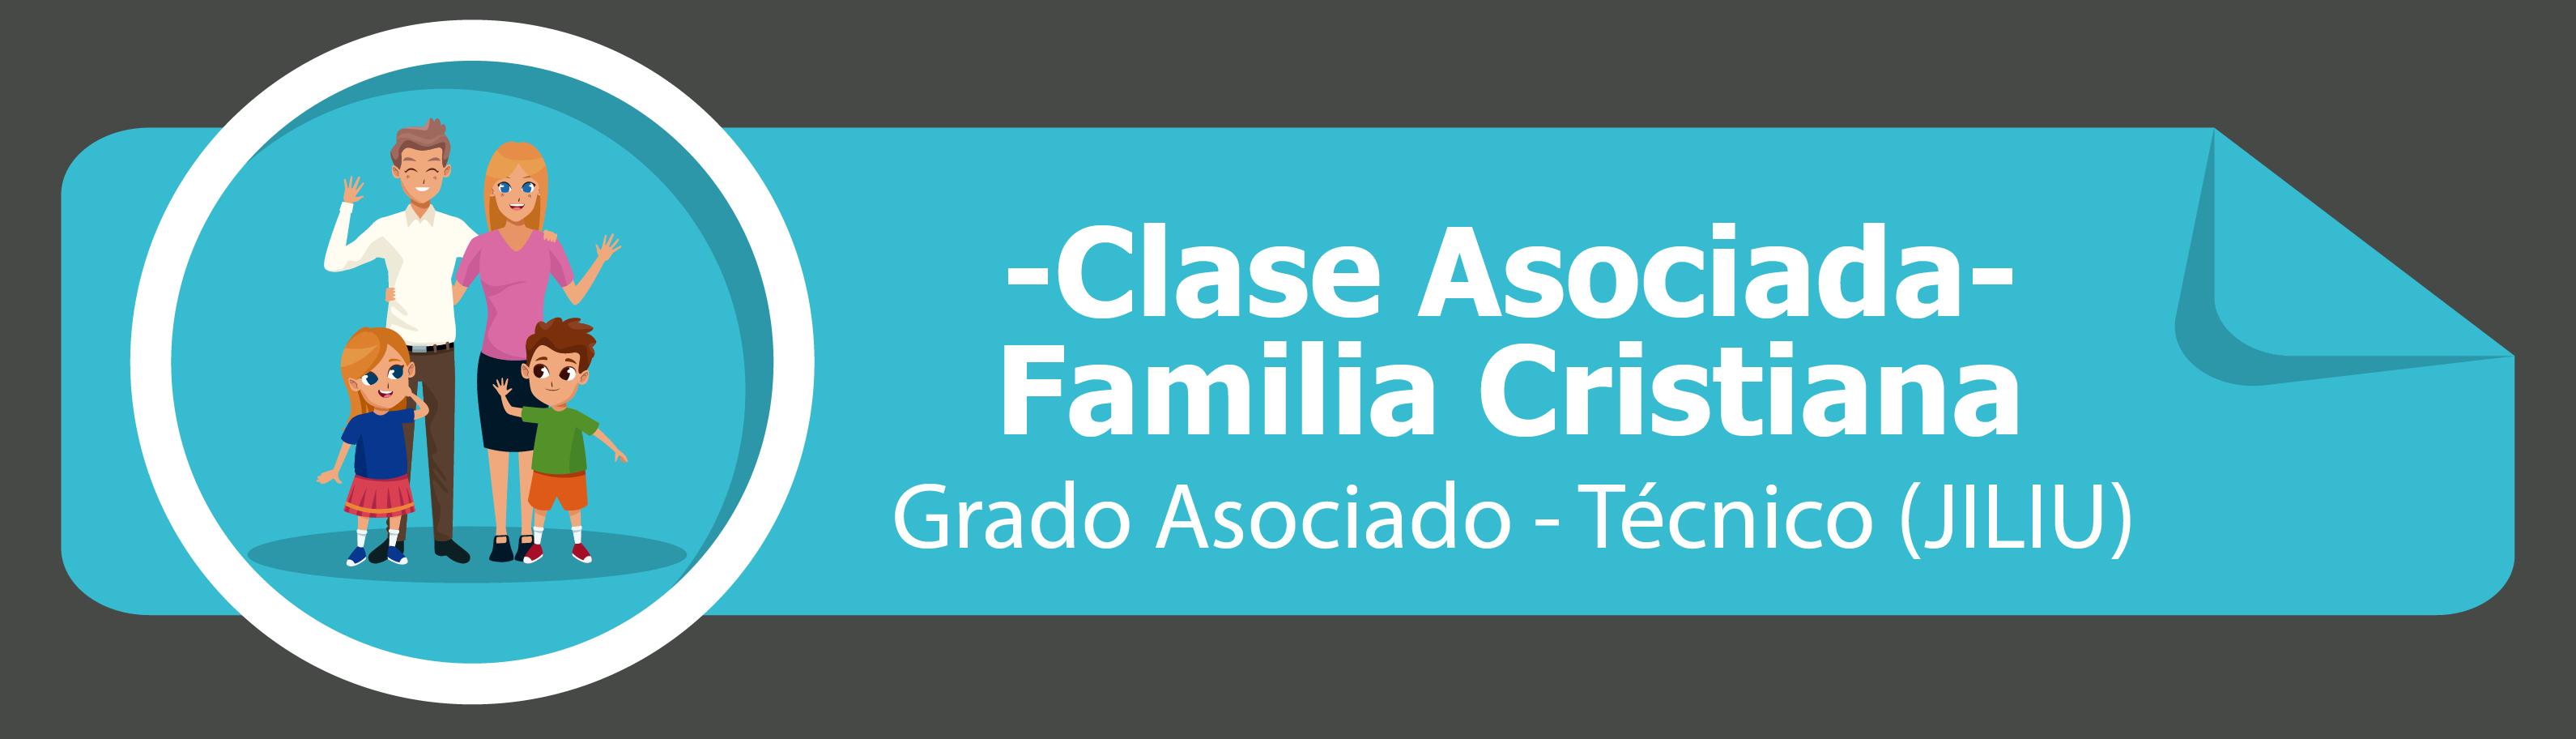 Clase Asociada - Familia Cristiana